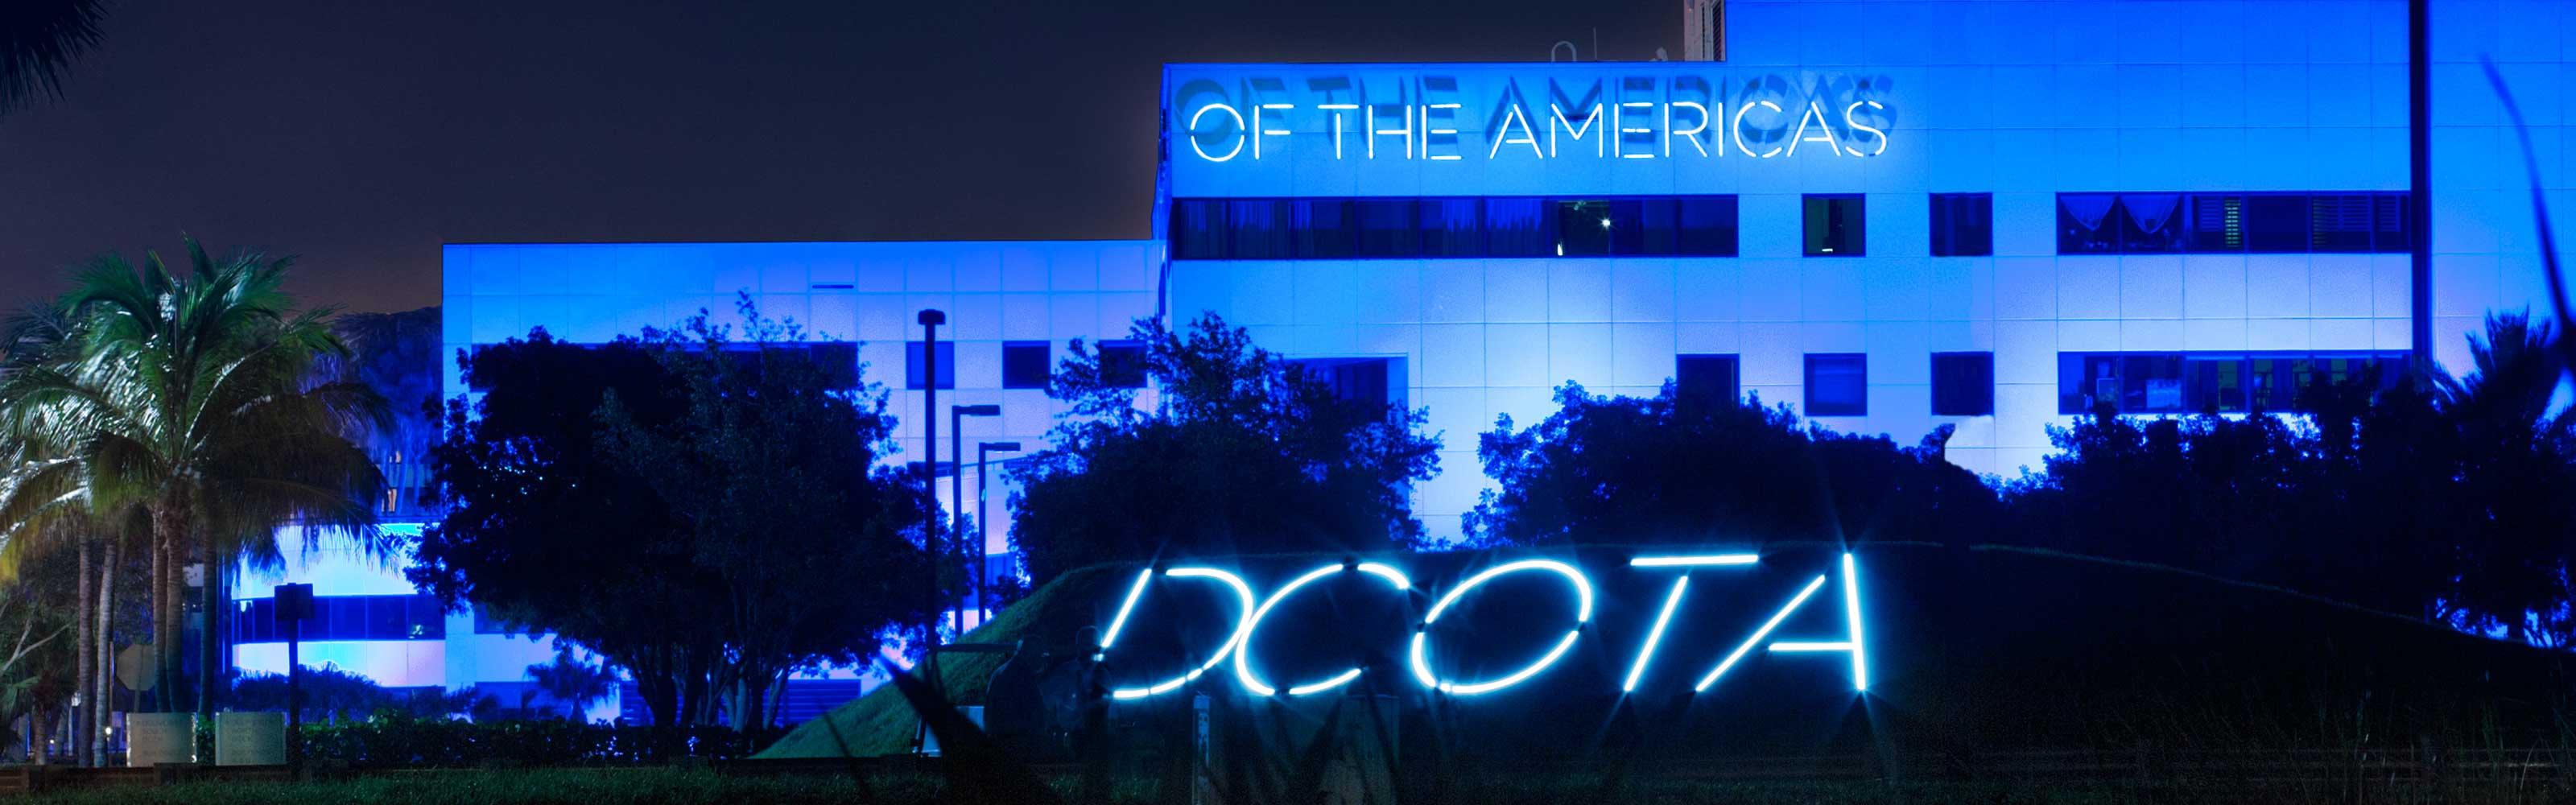 DCOTA-campus-banner